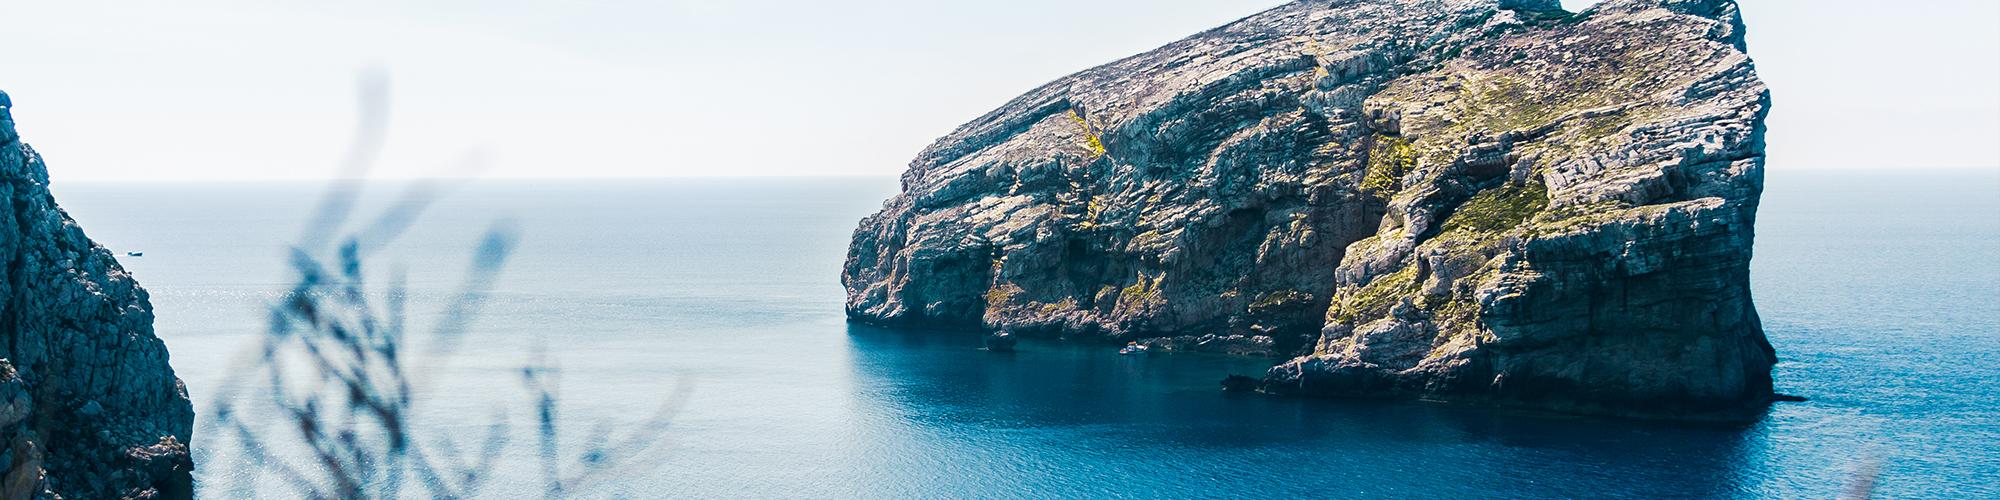 Cerdeña: Mediterráneo, tradición y autenticidad - El País Viajes